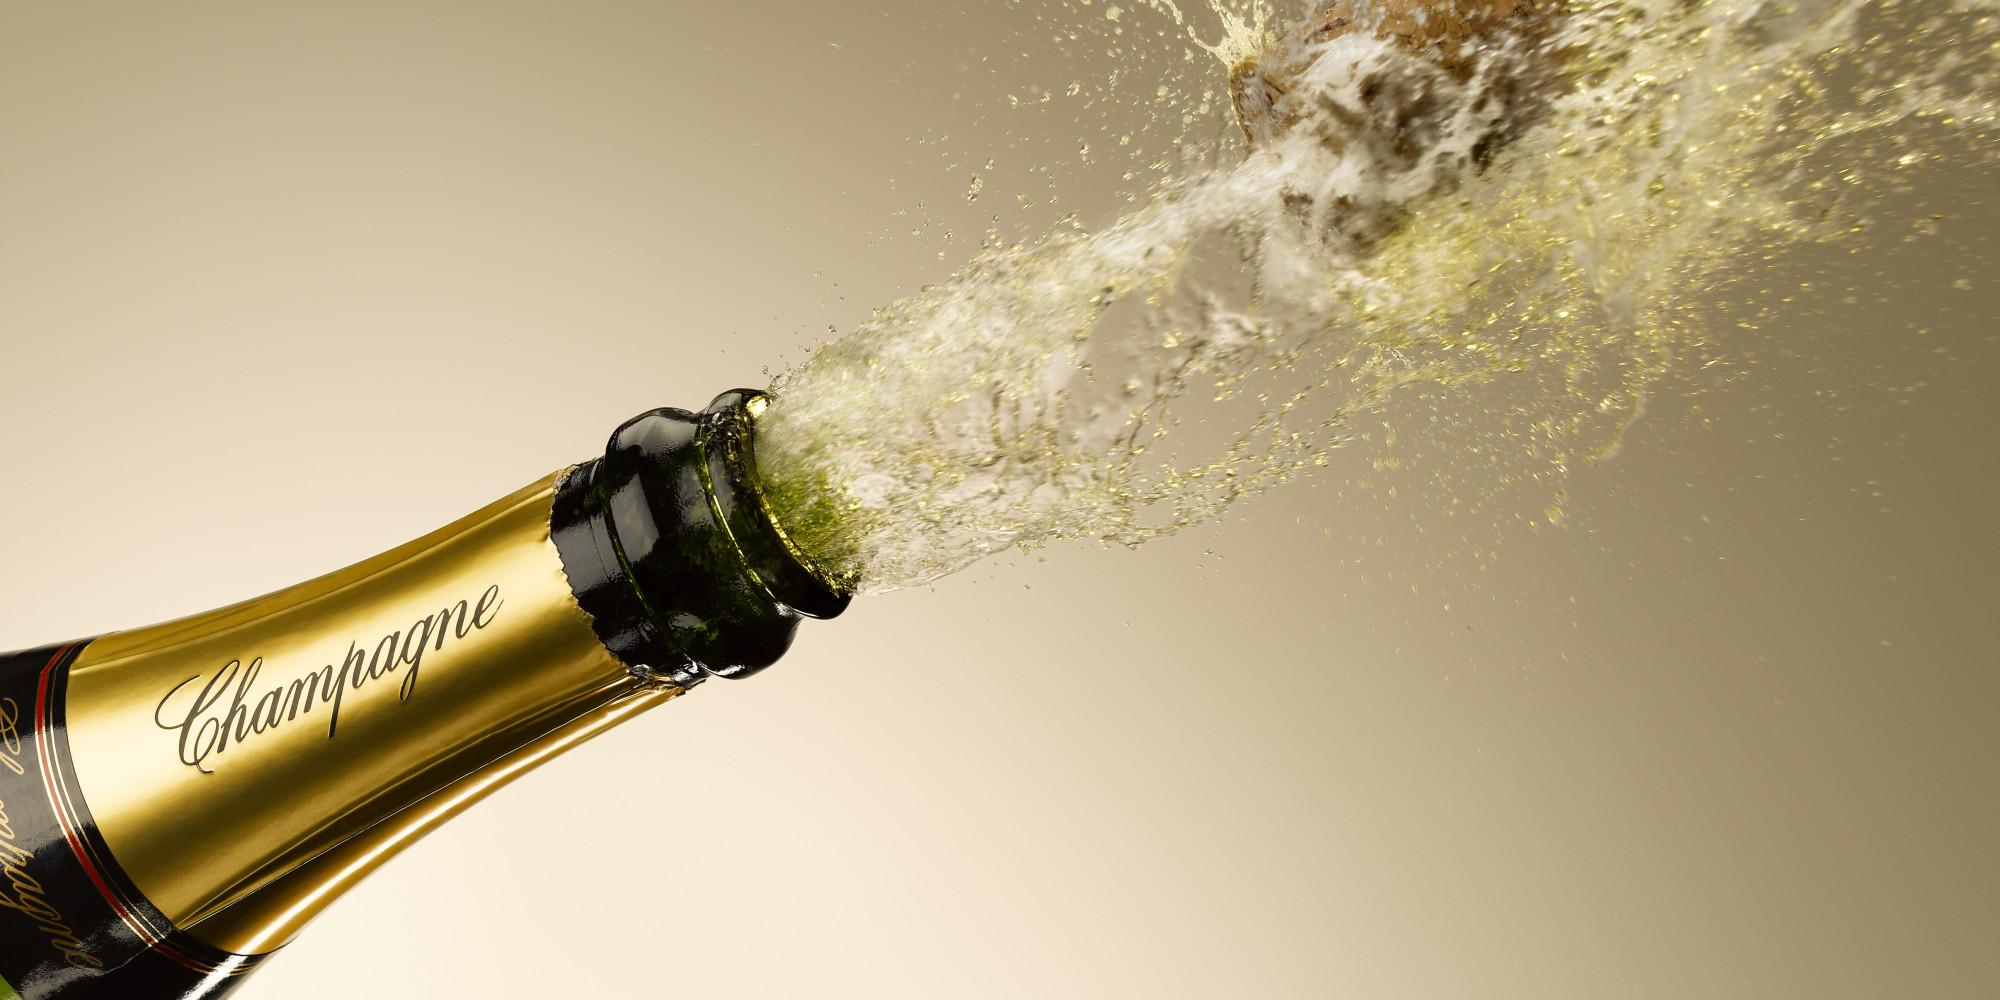 Résultat d'images pour image champagne